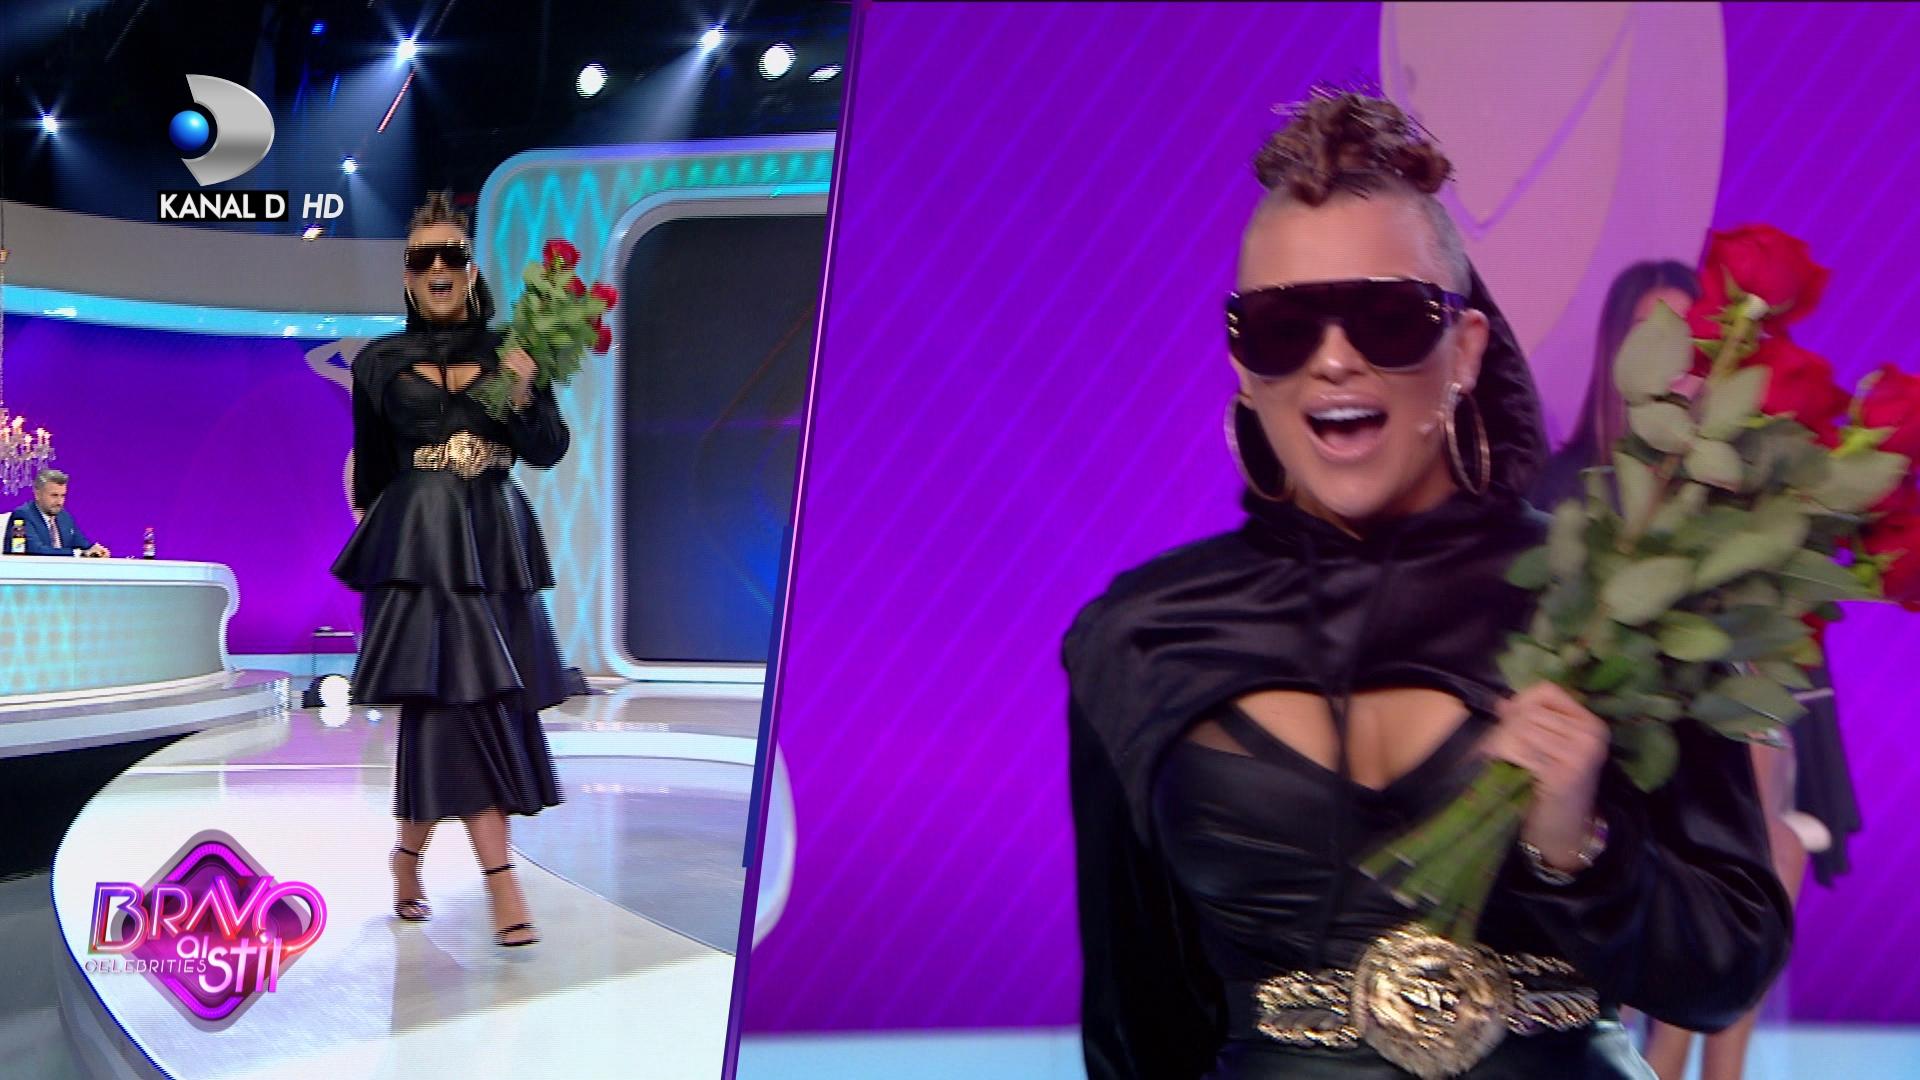 Oana Radu a cantat in direct la Bravo, ai stil Celebrities, insa Catalin Botezatu nu a fost deloc impresionat